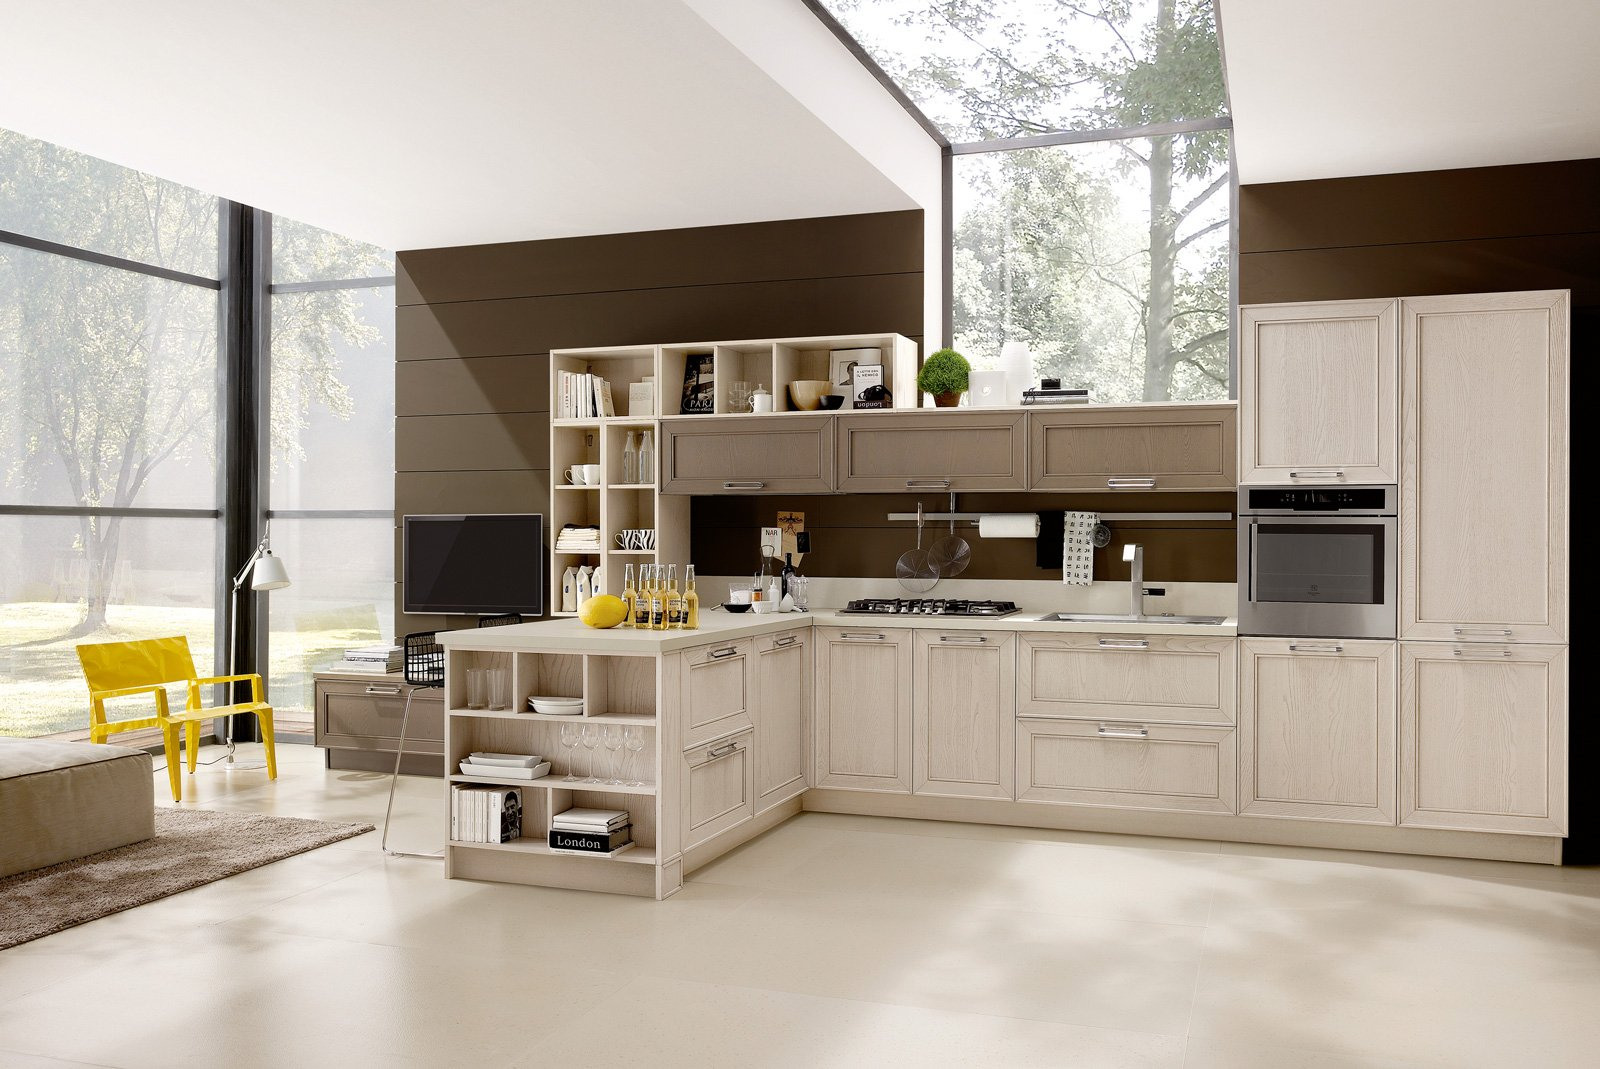 Arredamento cucine piccole cose di casa - Foto cucine componibili ...